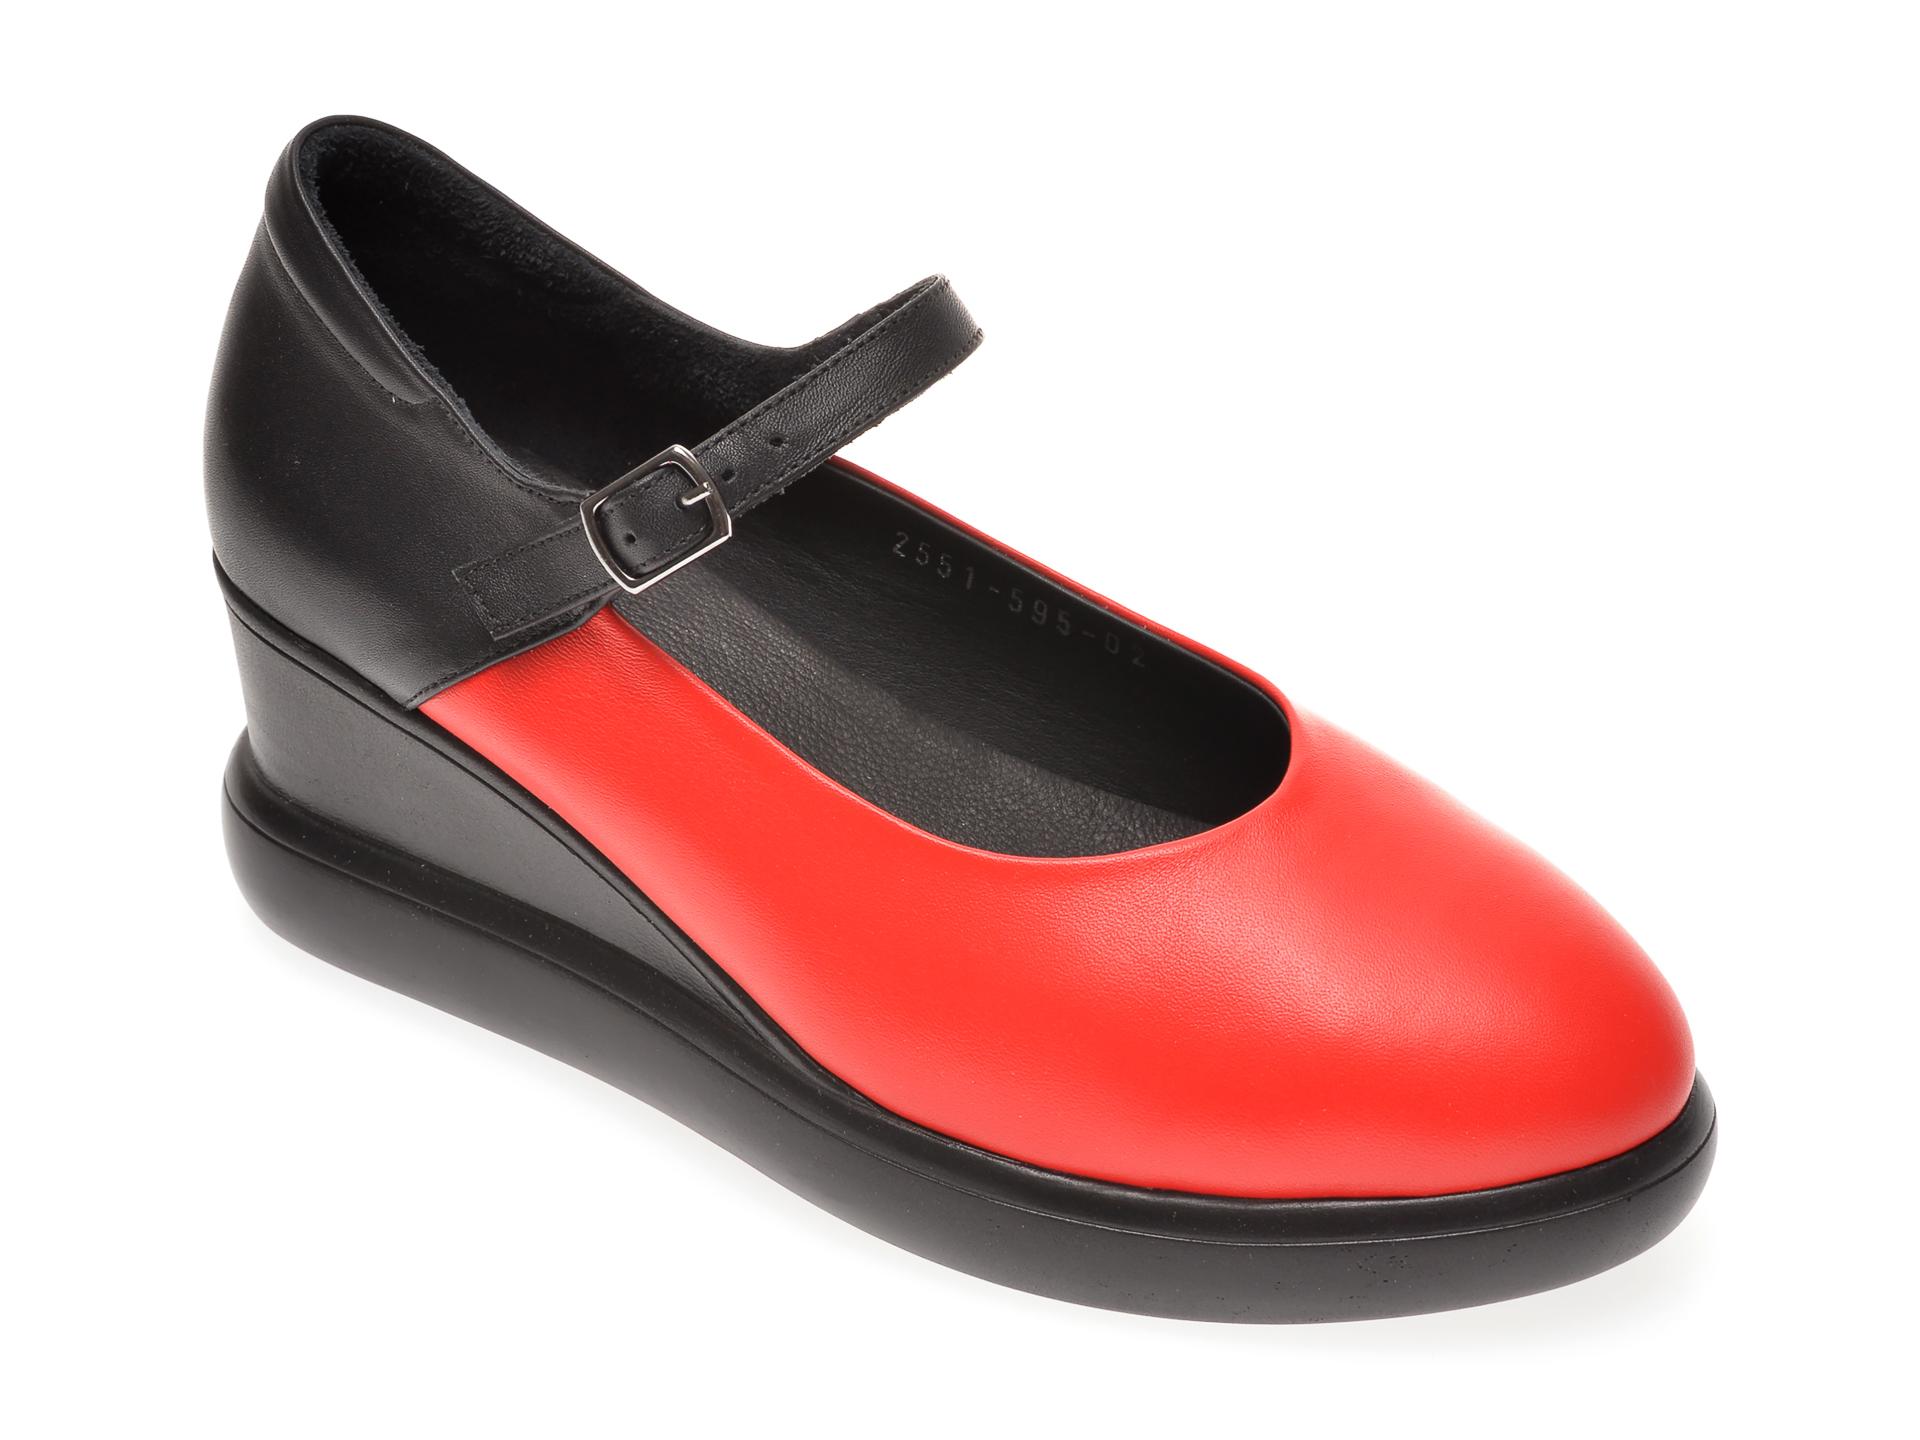 Pantofi FLAVIA PASSINI rosii, 1182551, din piele naturala